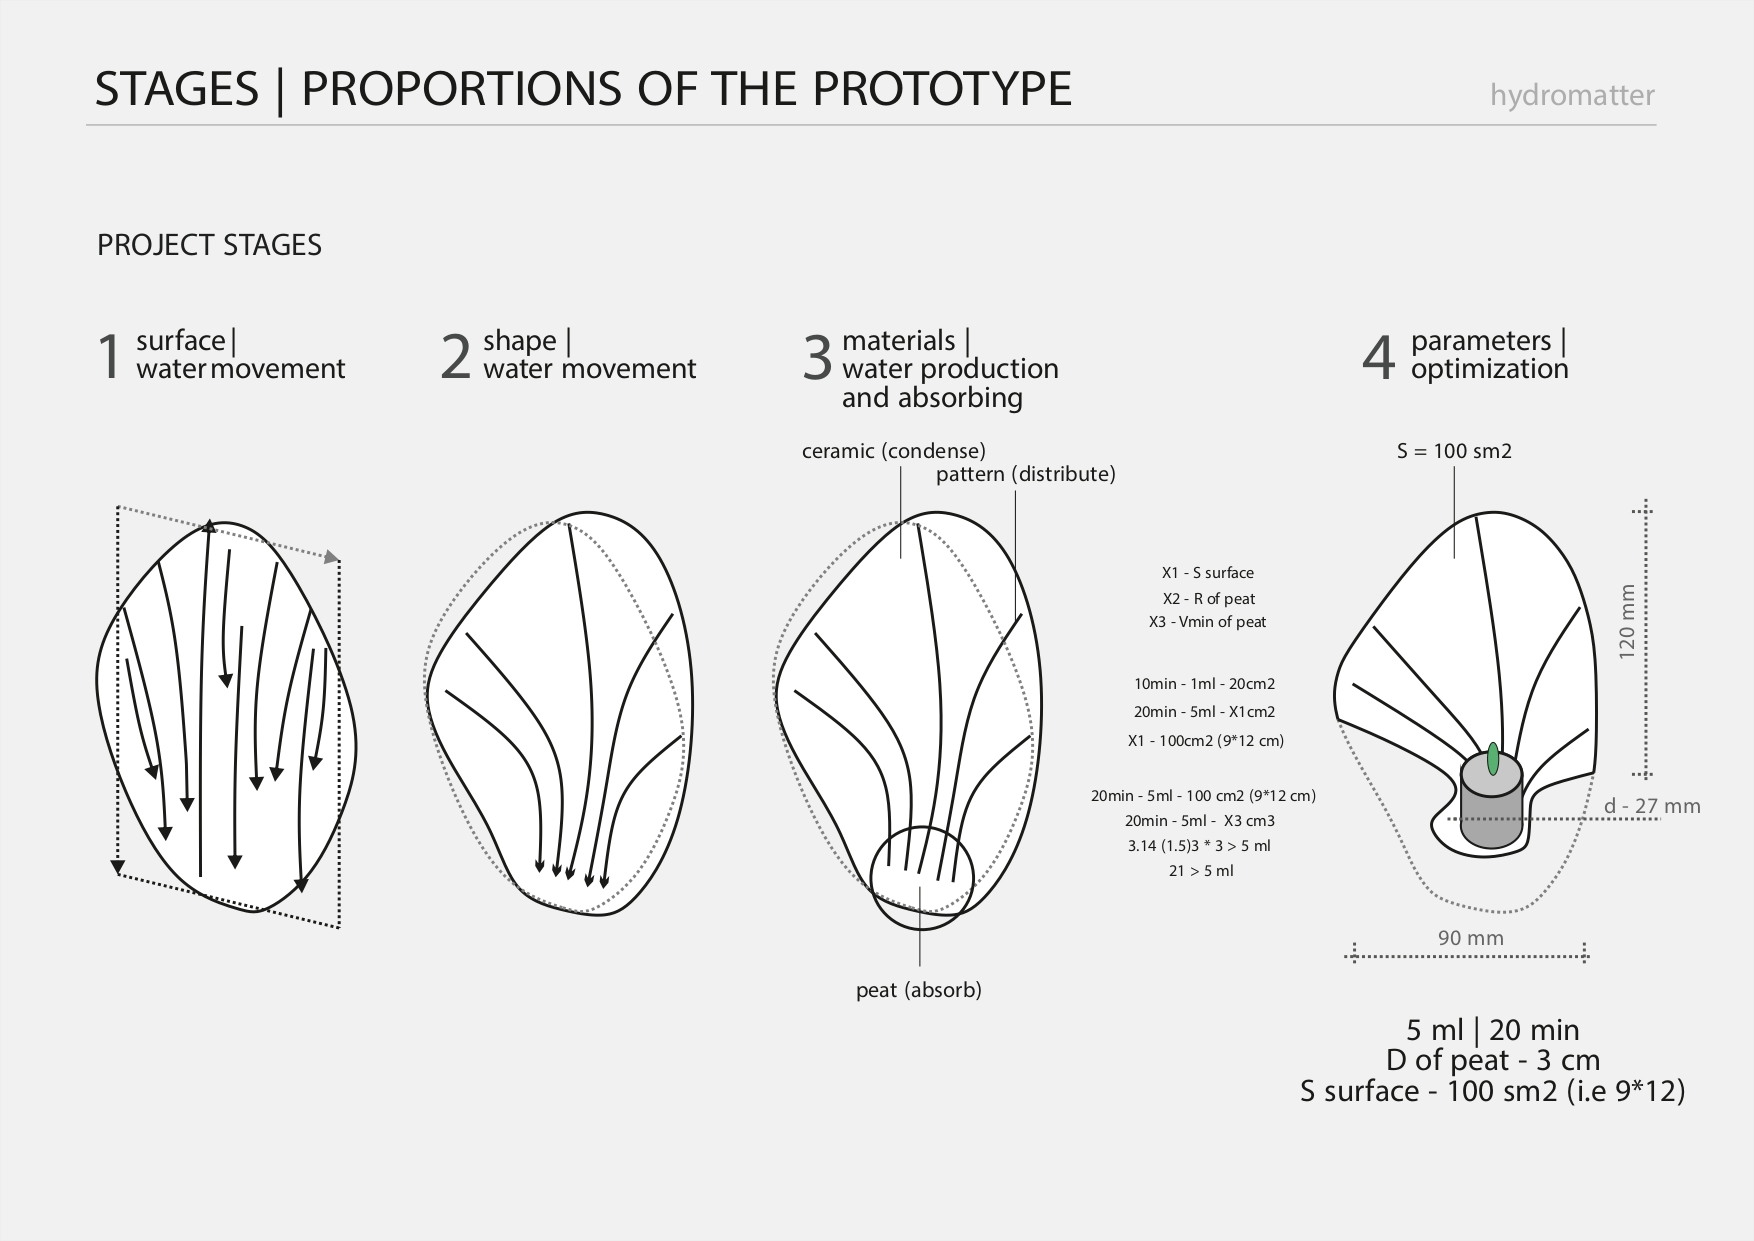 проект архитектура гидроматерия производство воды фасад научное исследование